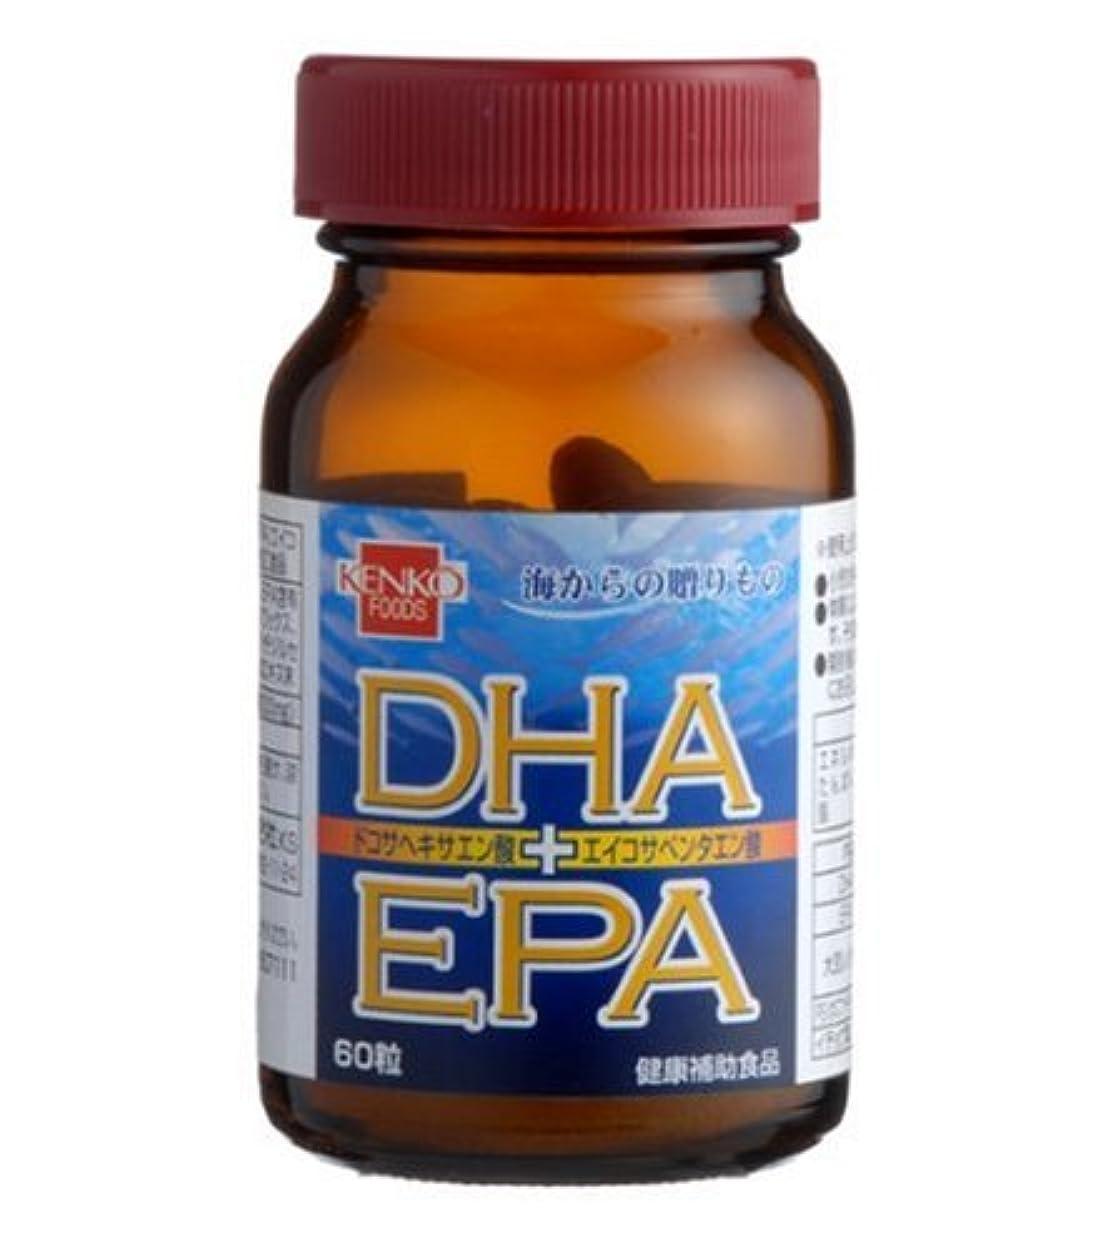 平らな聖人左健康フーズ DHA+EPA 60粒